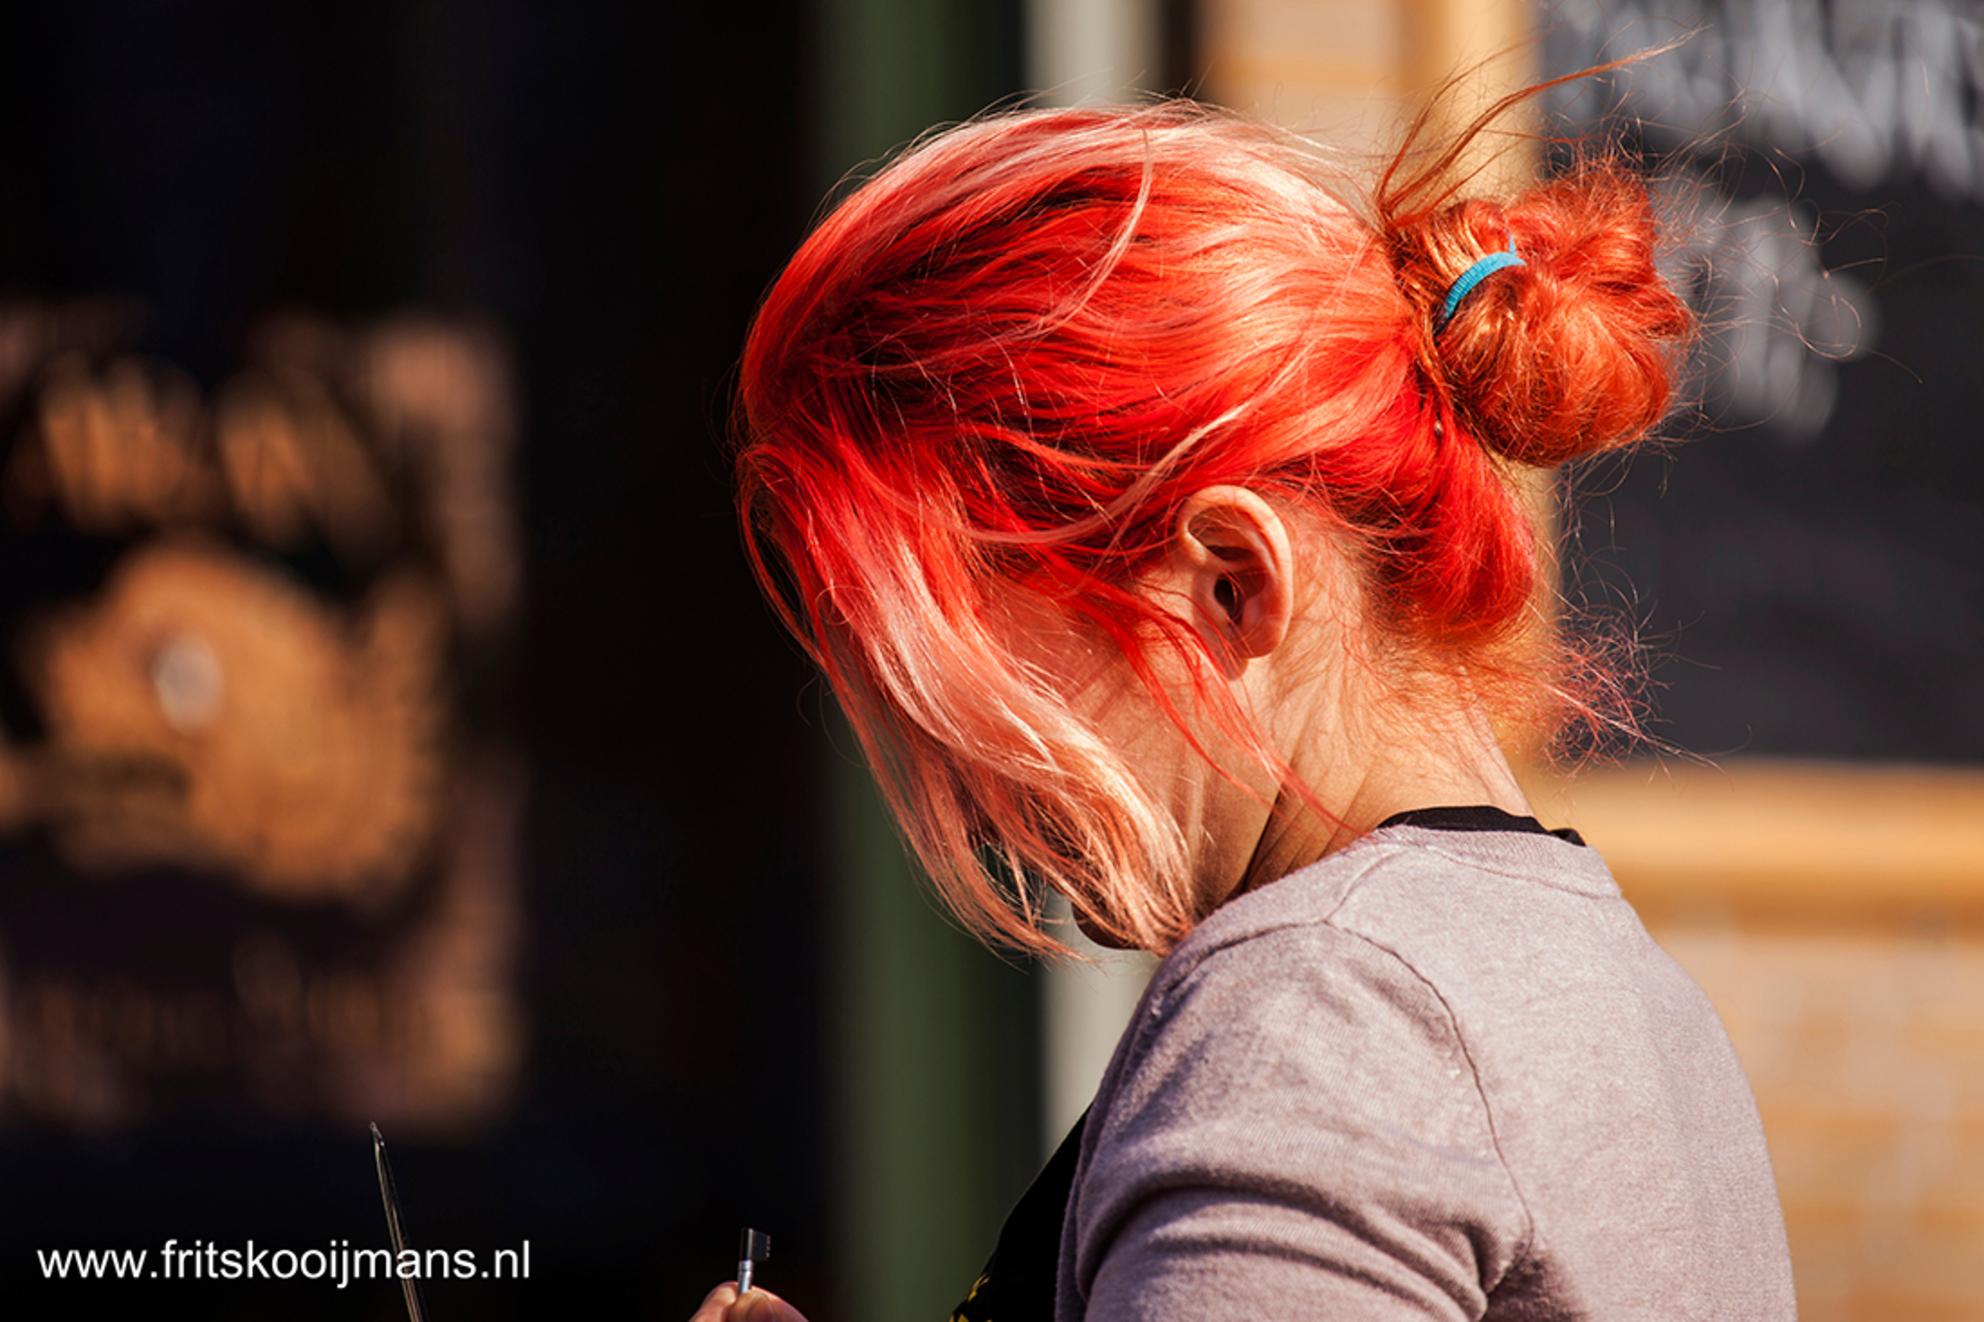 Serveerster restaurant Amsterdam - 201503136155 Serveerster restaurant Amsterdam - foto door fritskooijmans op 28-05-2015 - deze foto bevat: amsterdam, portret, voorjaar, 2015, hein donnerbrug